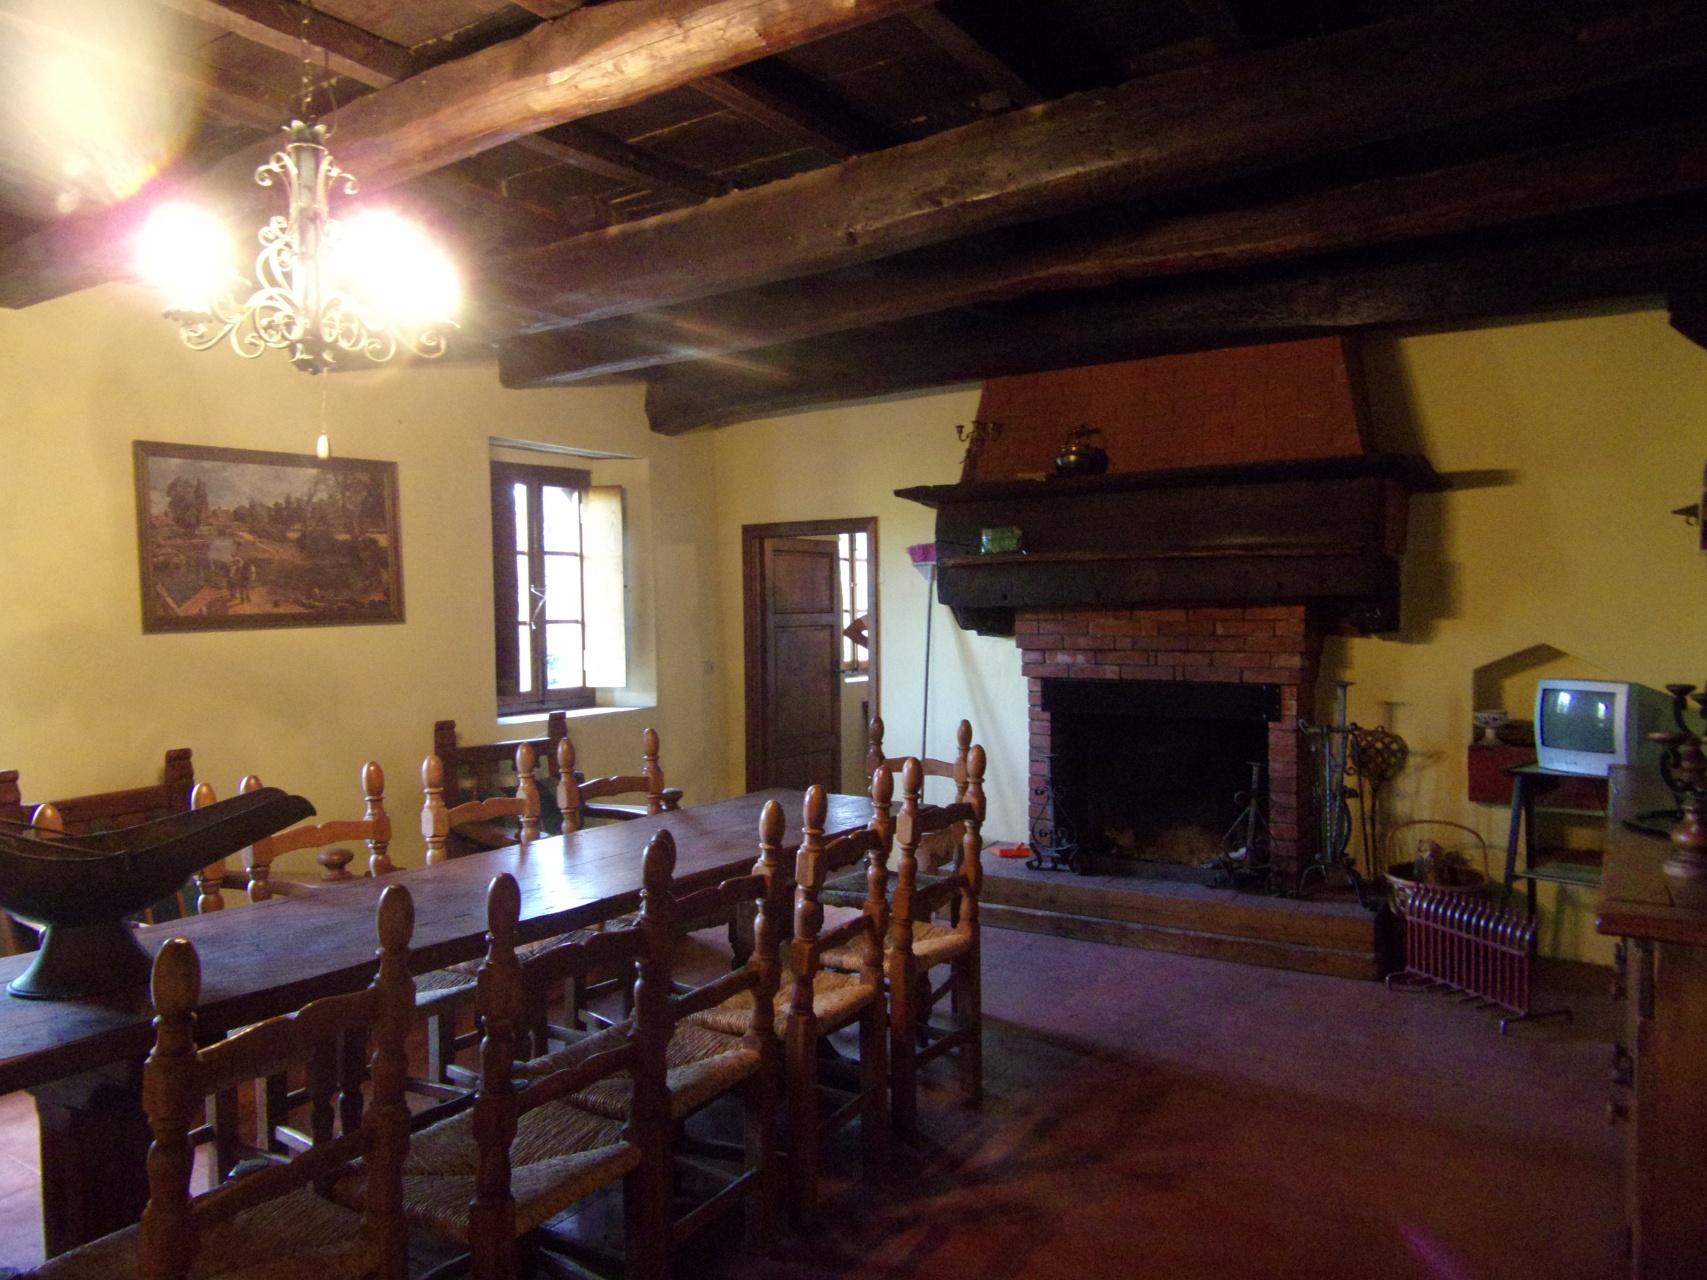 foto Casa rurale e fienile con terreno vicino a Tereglio, Lucca.